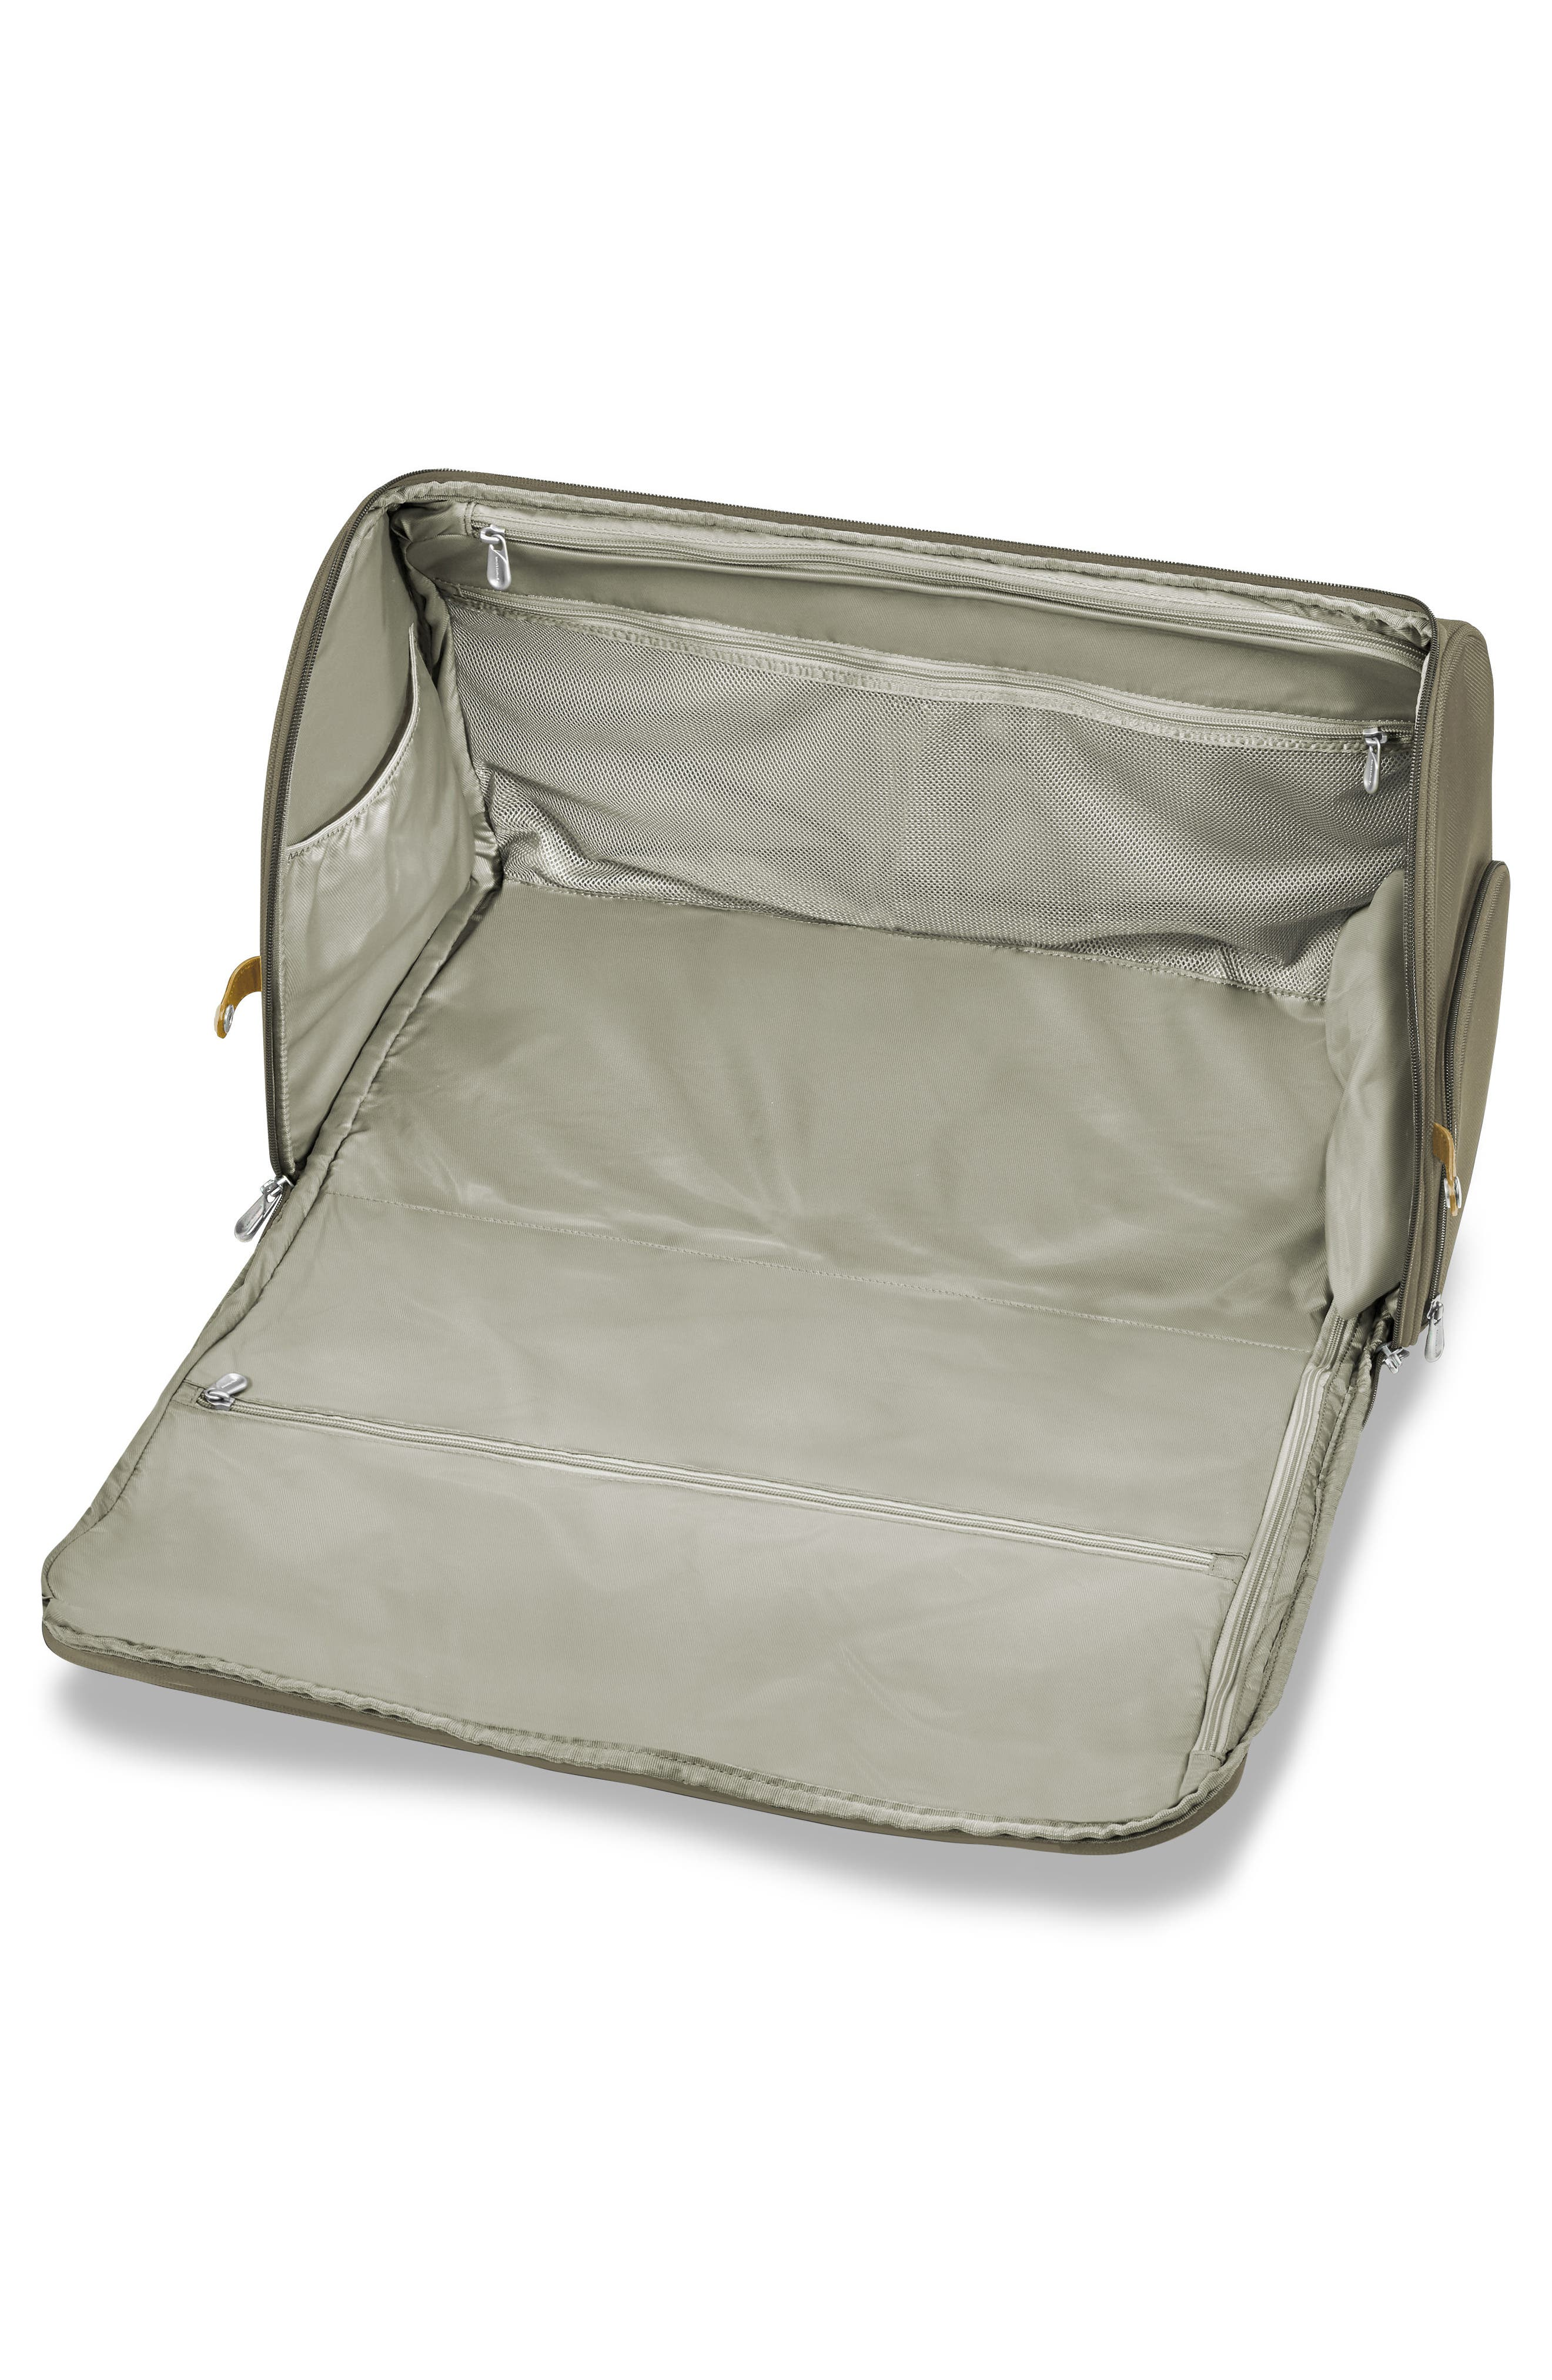 Alternate Image 3  - Briggs & Riley Baseline Suiter Duffel Bag